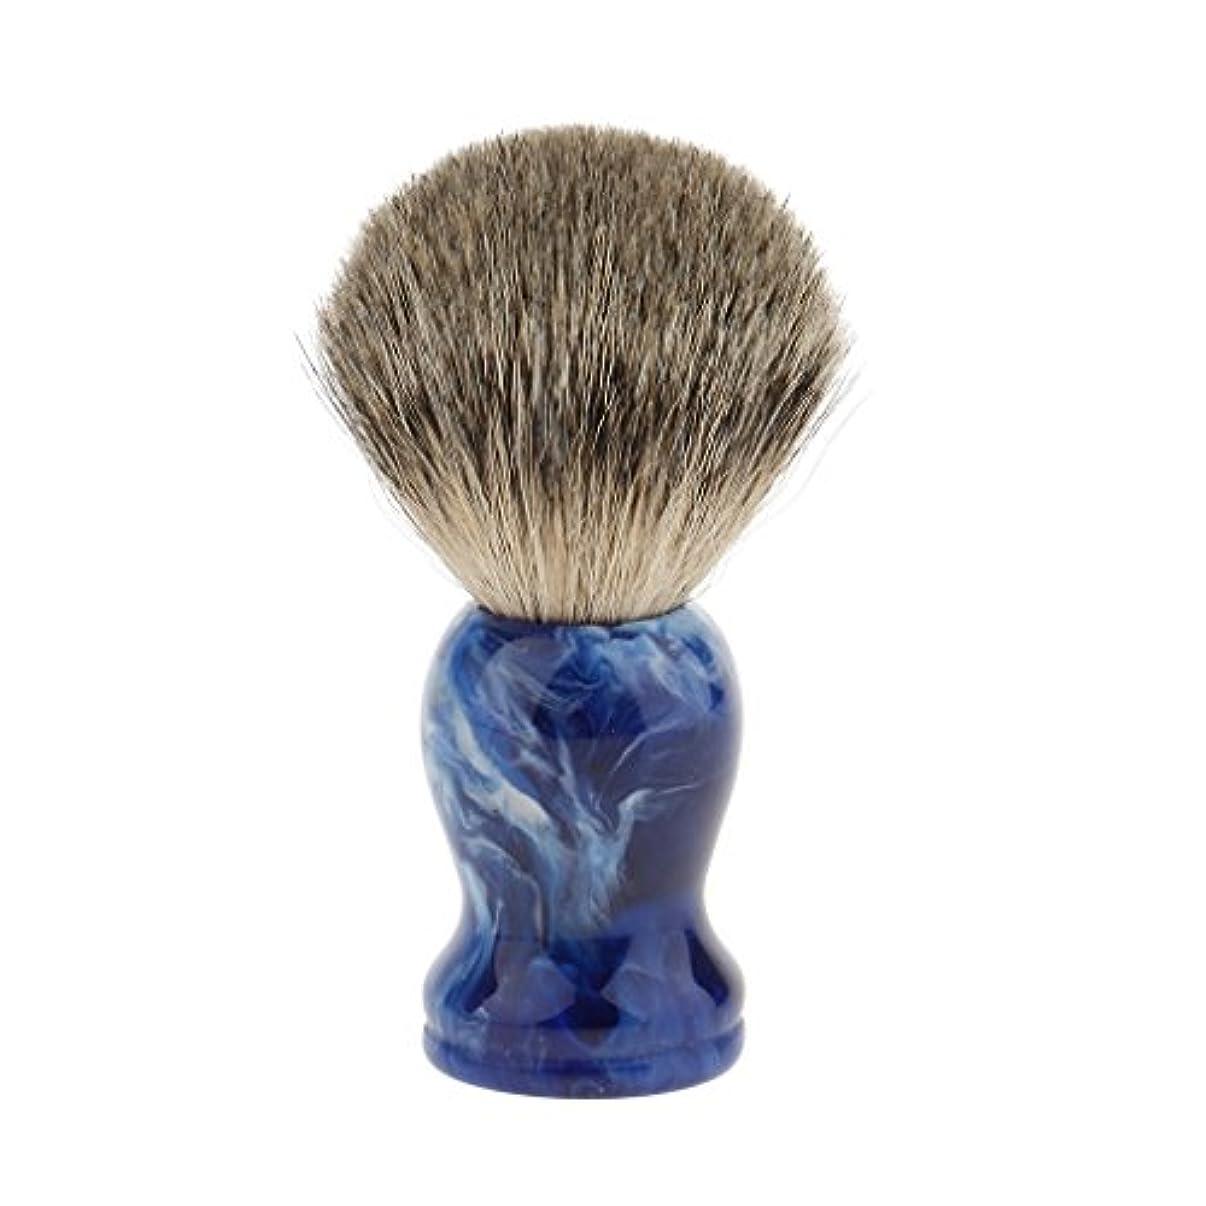 後退する下向き破産シェービングブラシ 理髪師 ひげ クリーニングツール プロ サロン 家庭 個人用